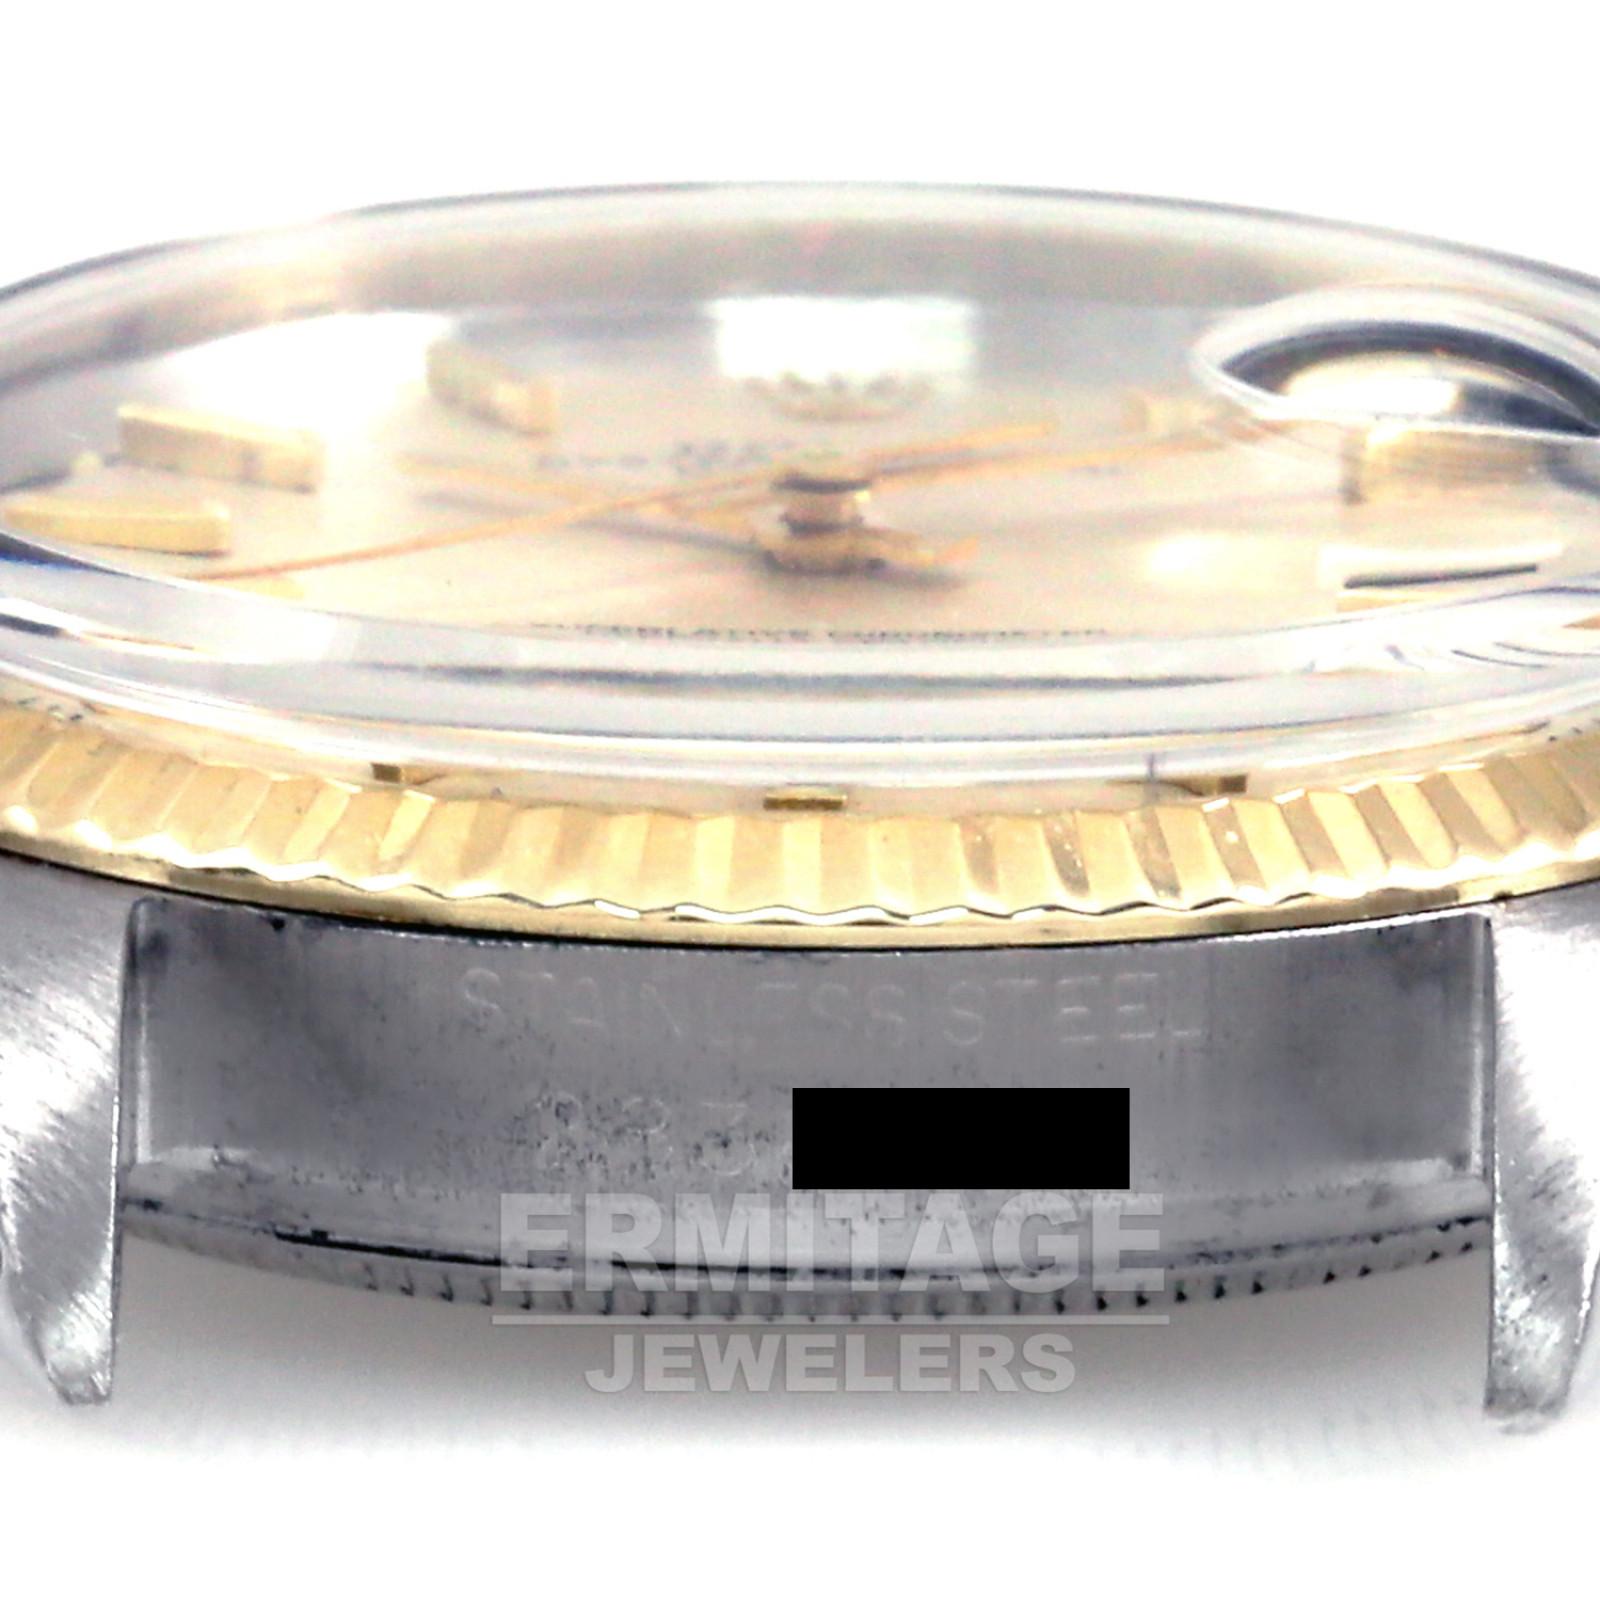 Vintage Rolex Men's Datejust 1601